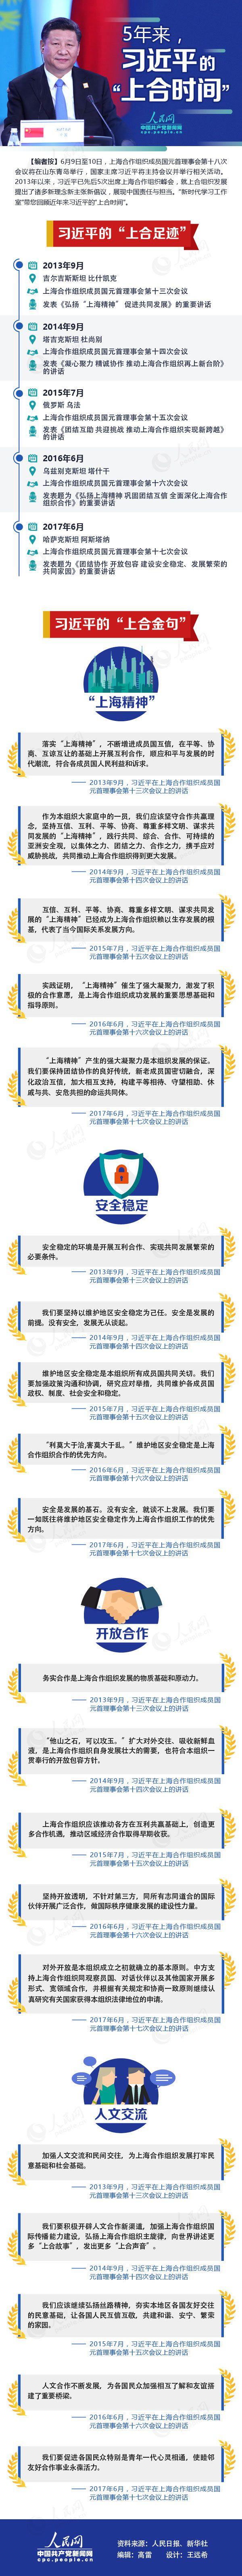 """重庆时时彩稳赚不赔:图解:5年来,习近平的""""上合时间"""""""